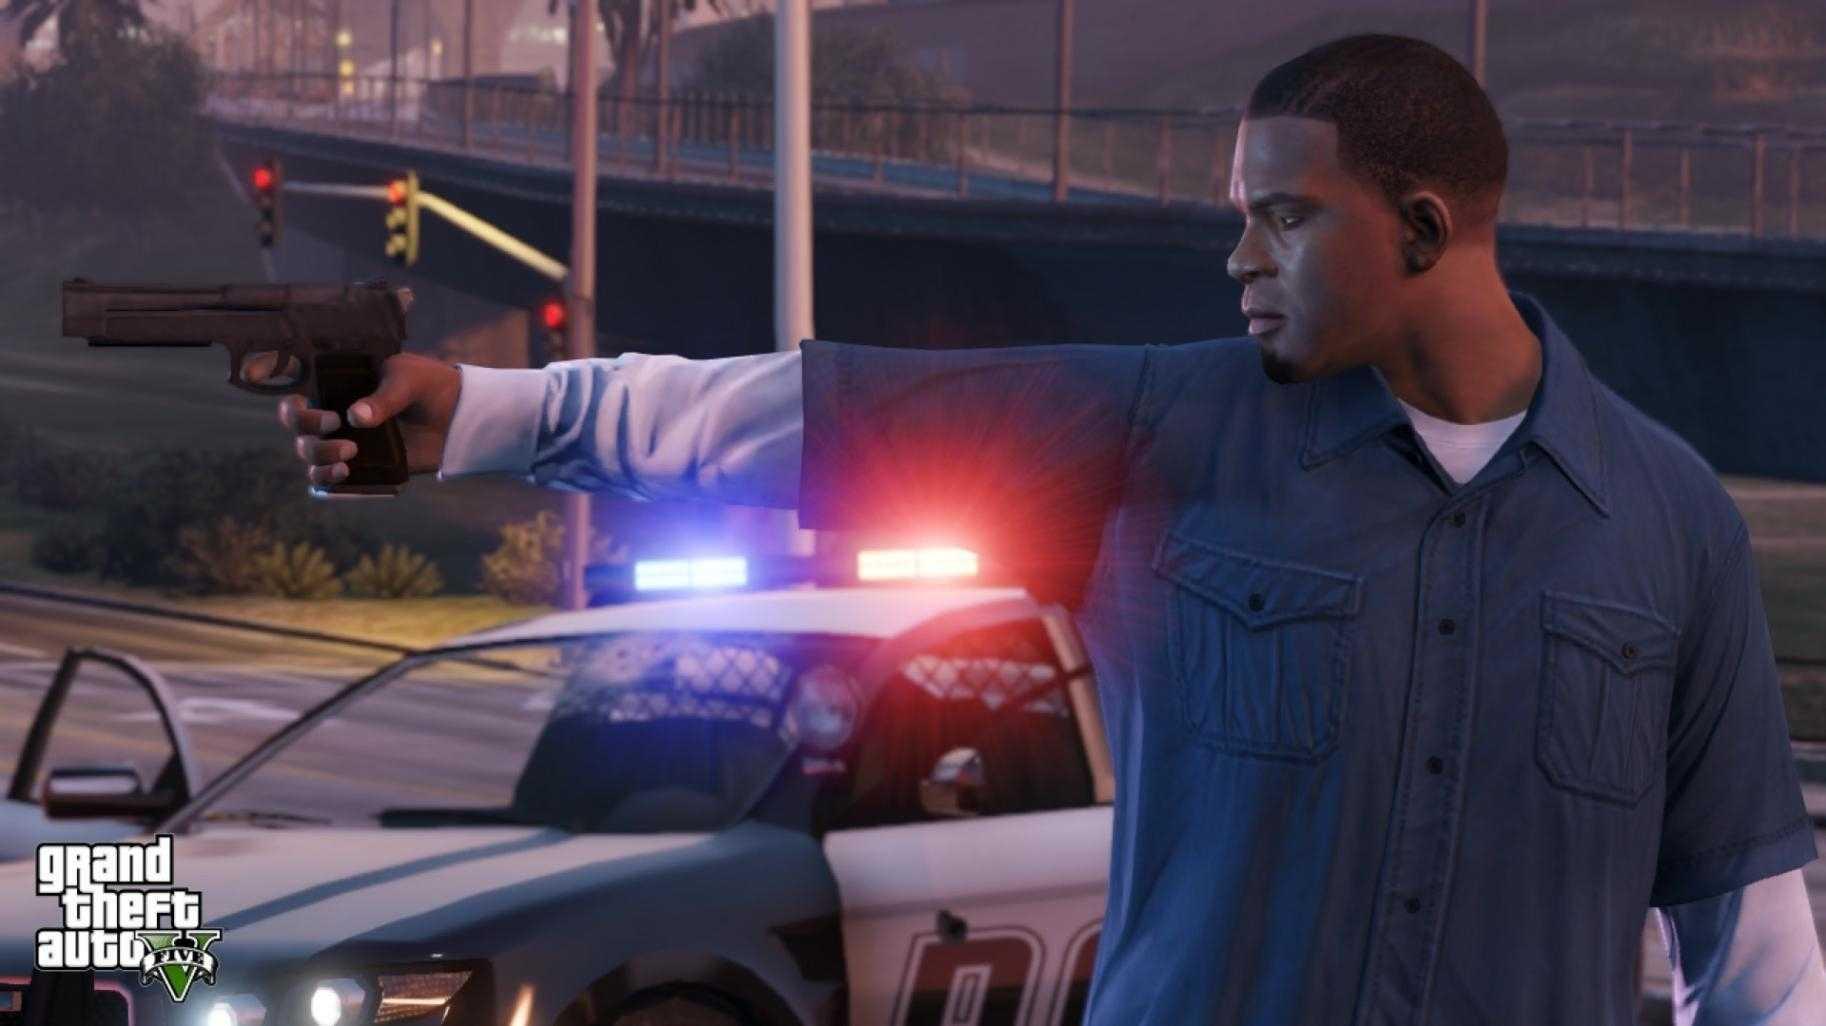 Studie: Gewalthaltige Computerspiele machen nicht aggressiv